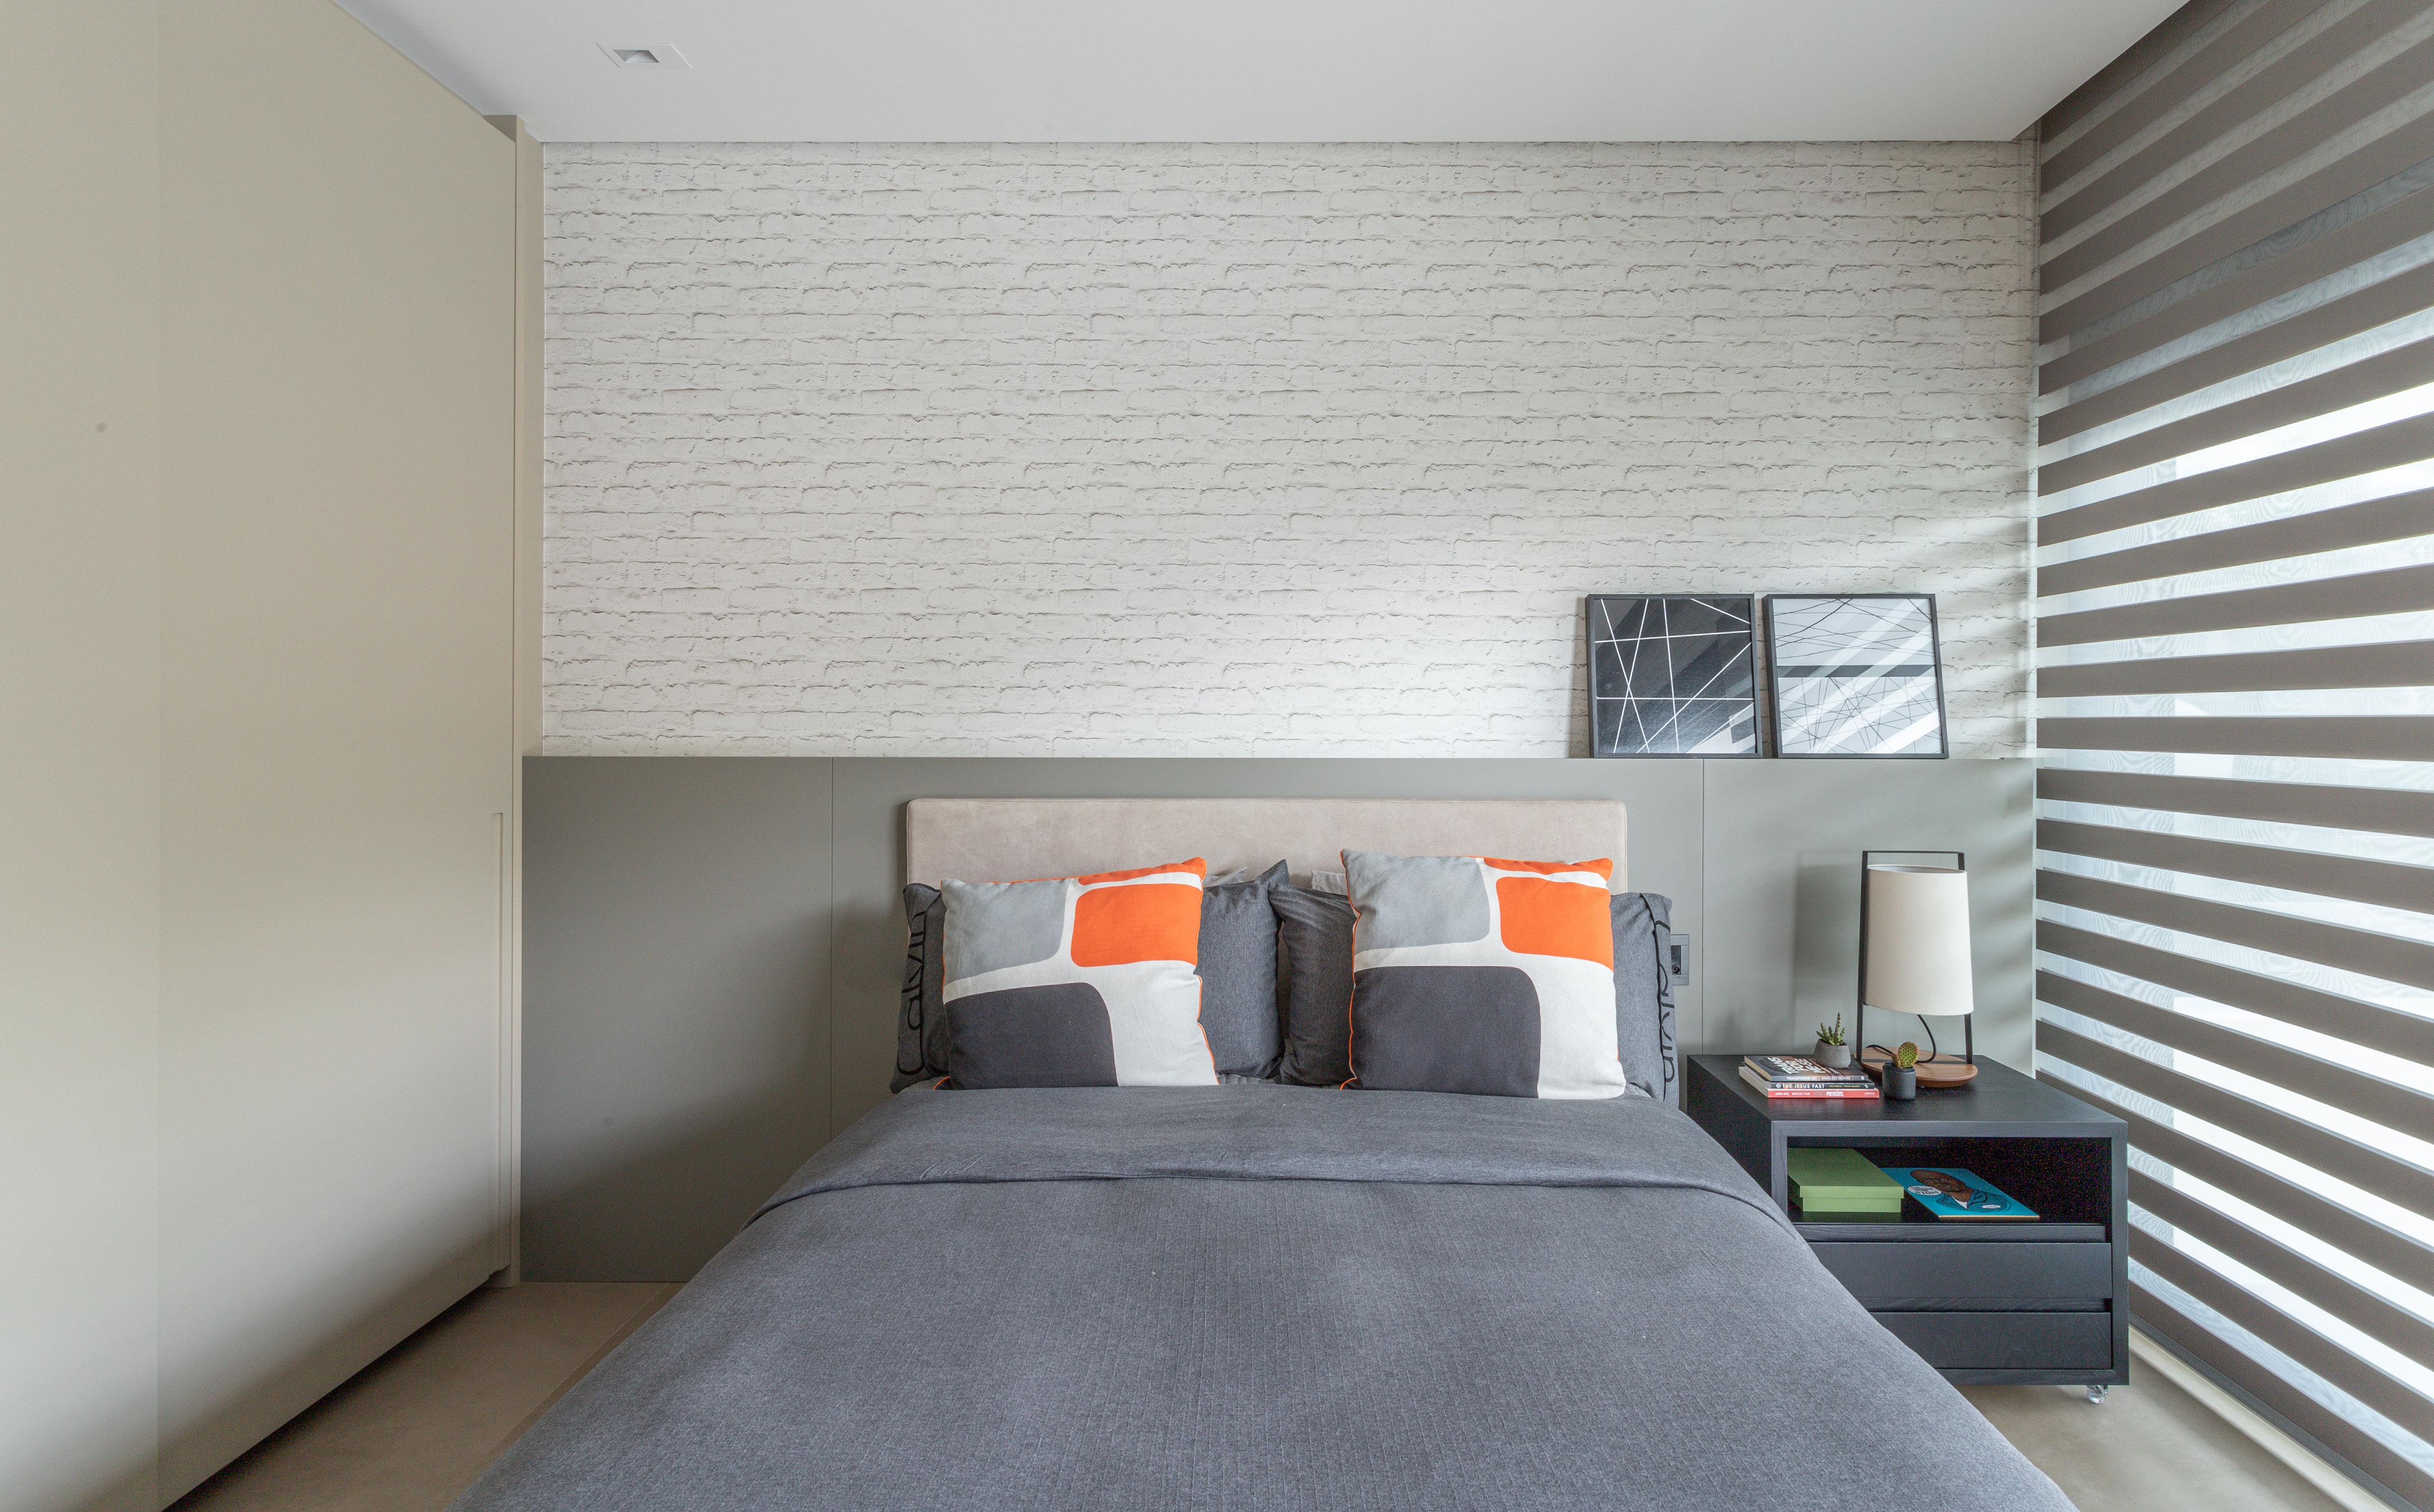 quarto com persiana